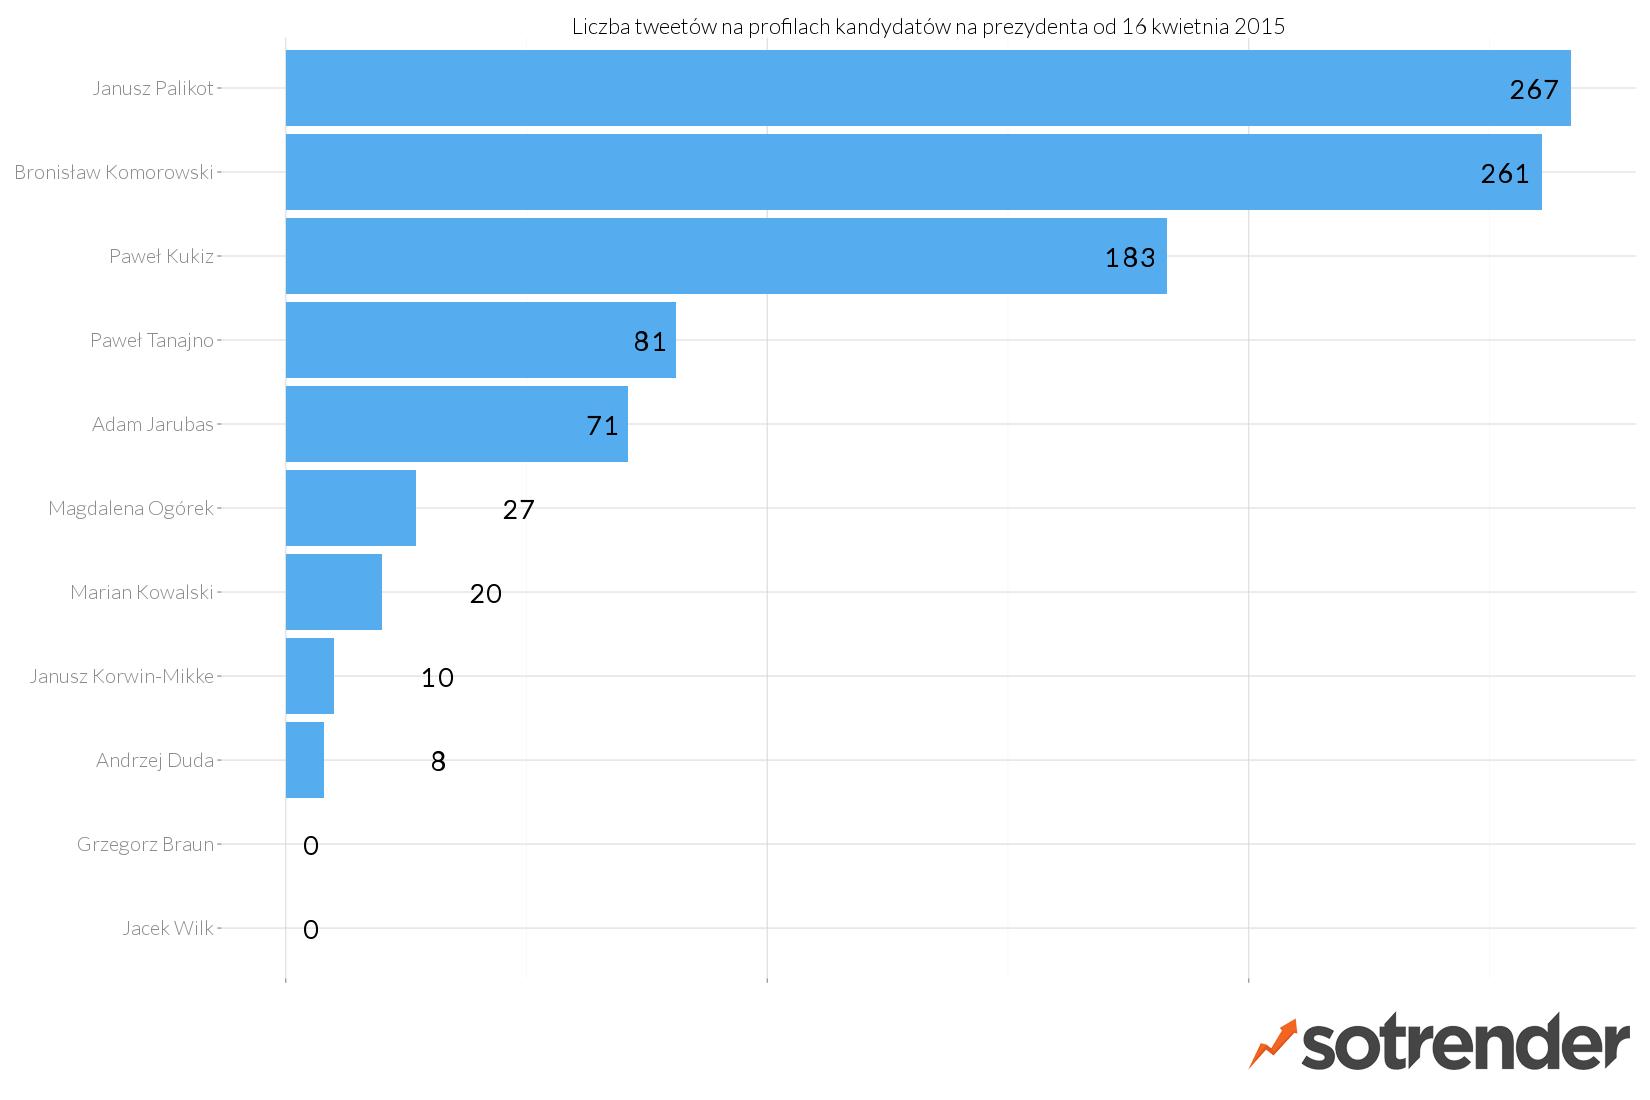 Liczba tweetów wysłanych przez kandydatów na prezydenta - raport Sotrendera